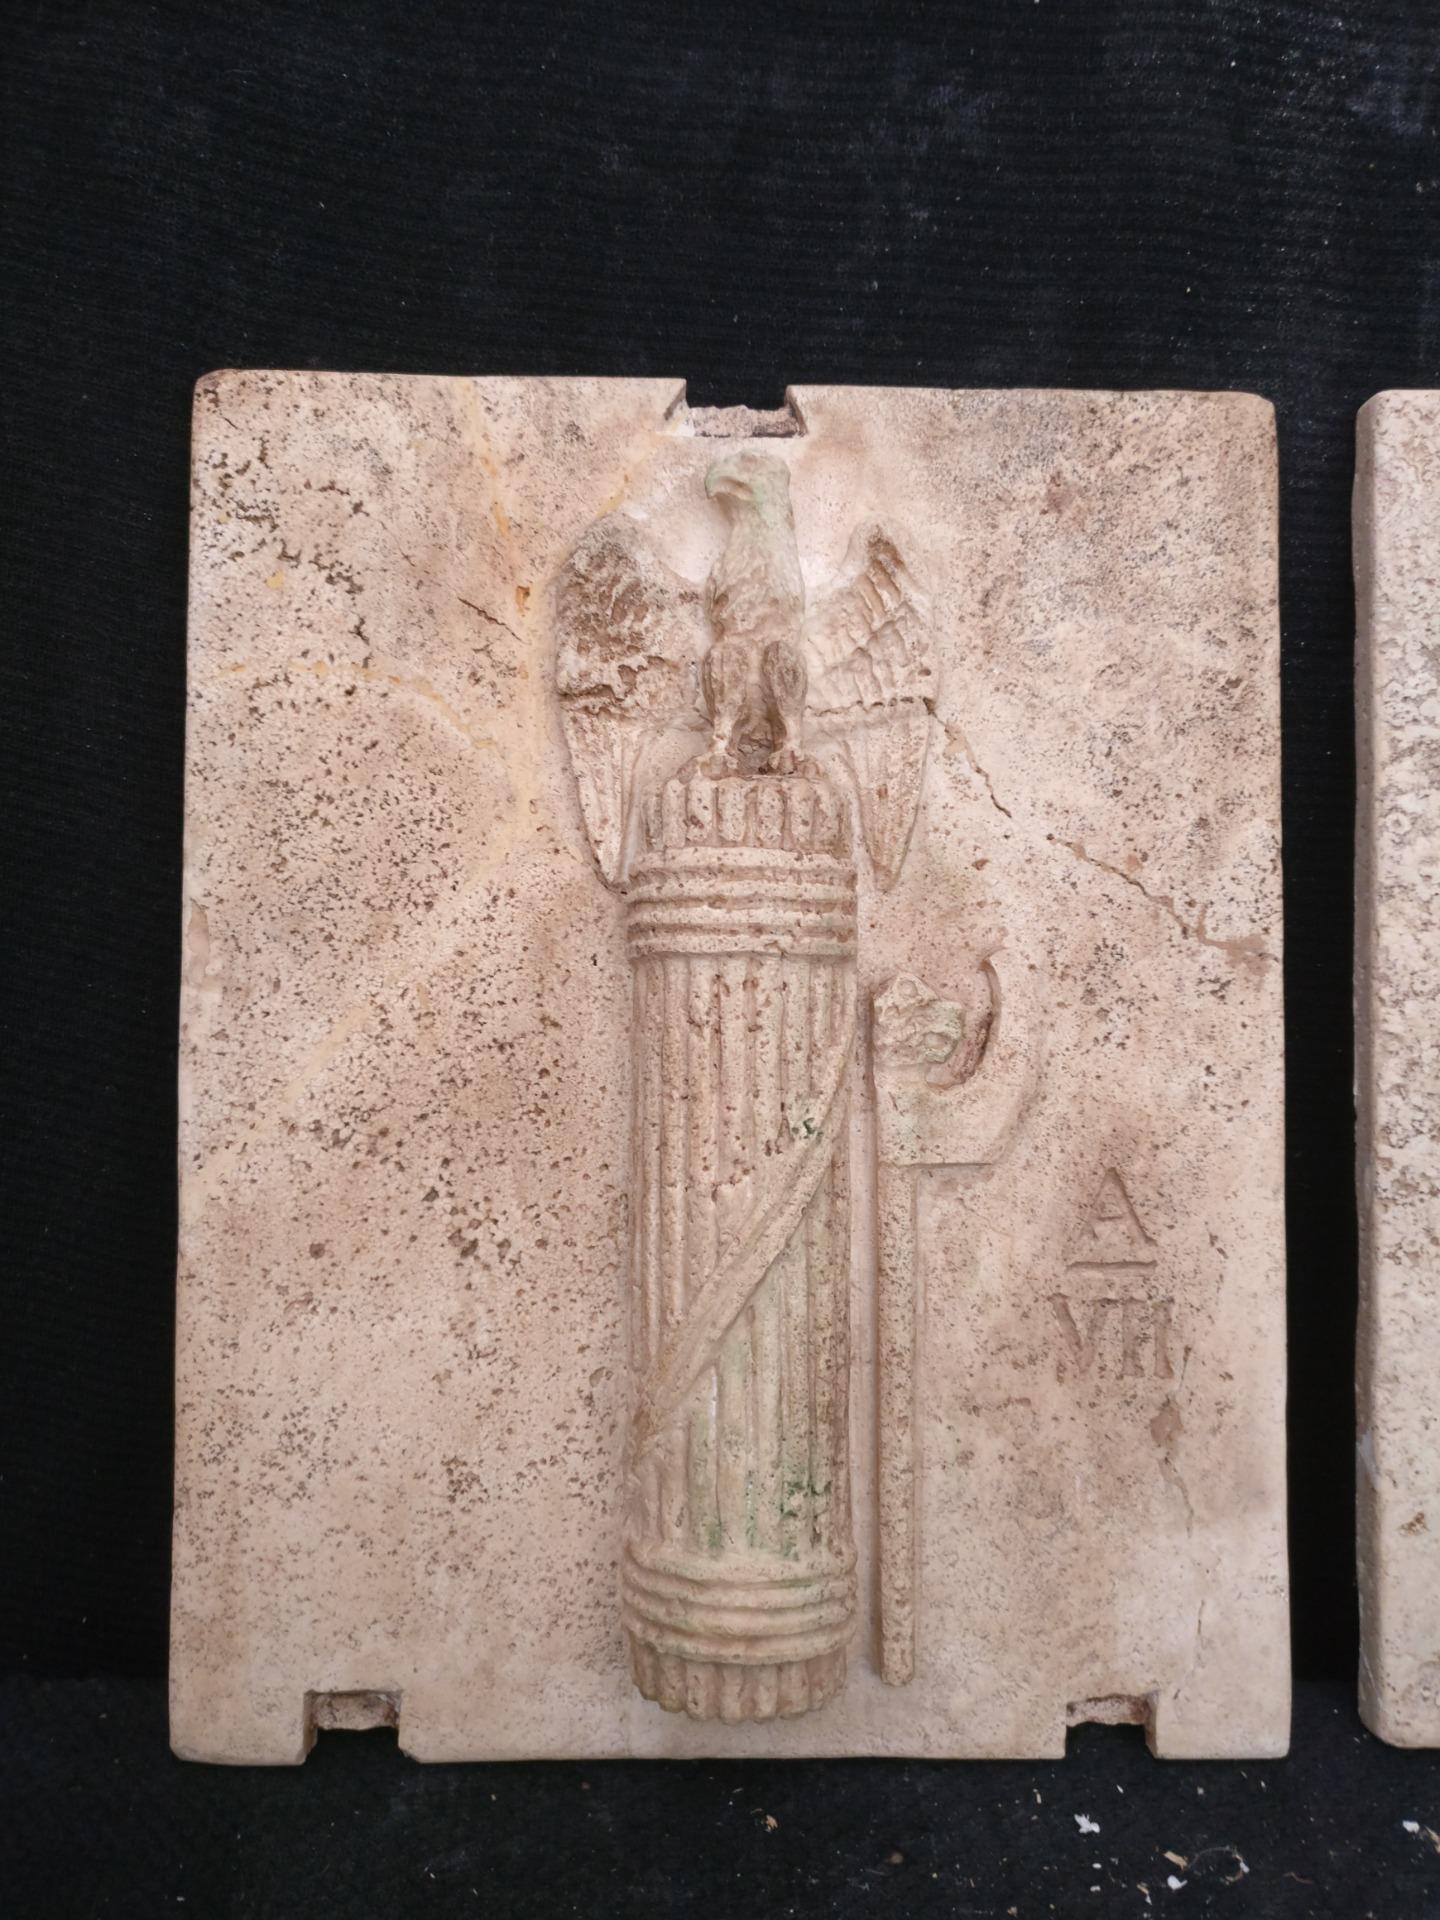 thumb7 Magnifica Coppia di Fasci Littori in Travertino - Stemmi da muro - 32 x 40 cm - Roma - 1927/28